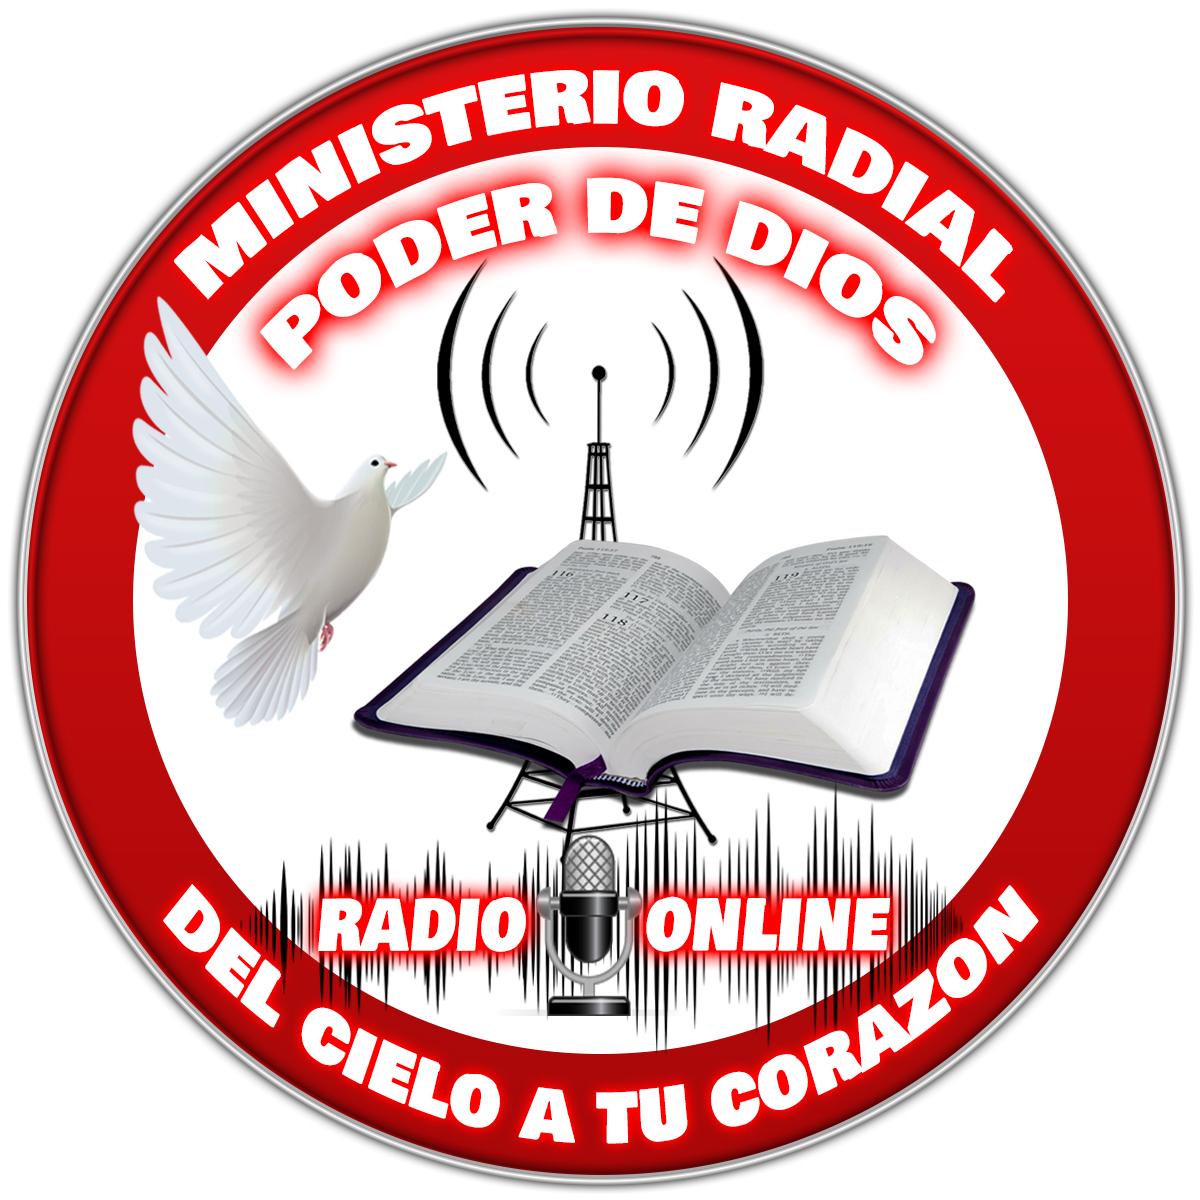 Ministerio Radial Poder de Dios